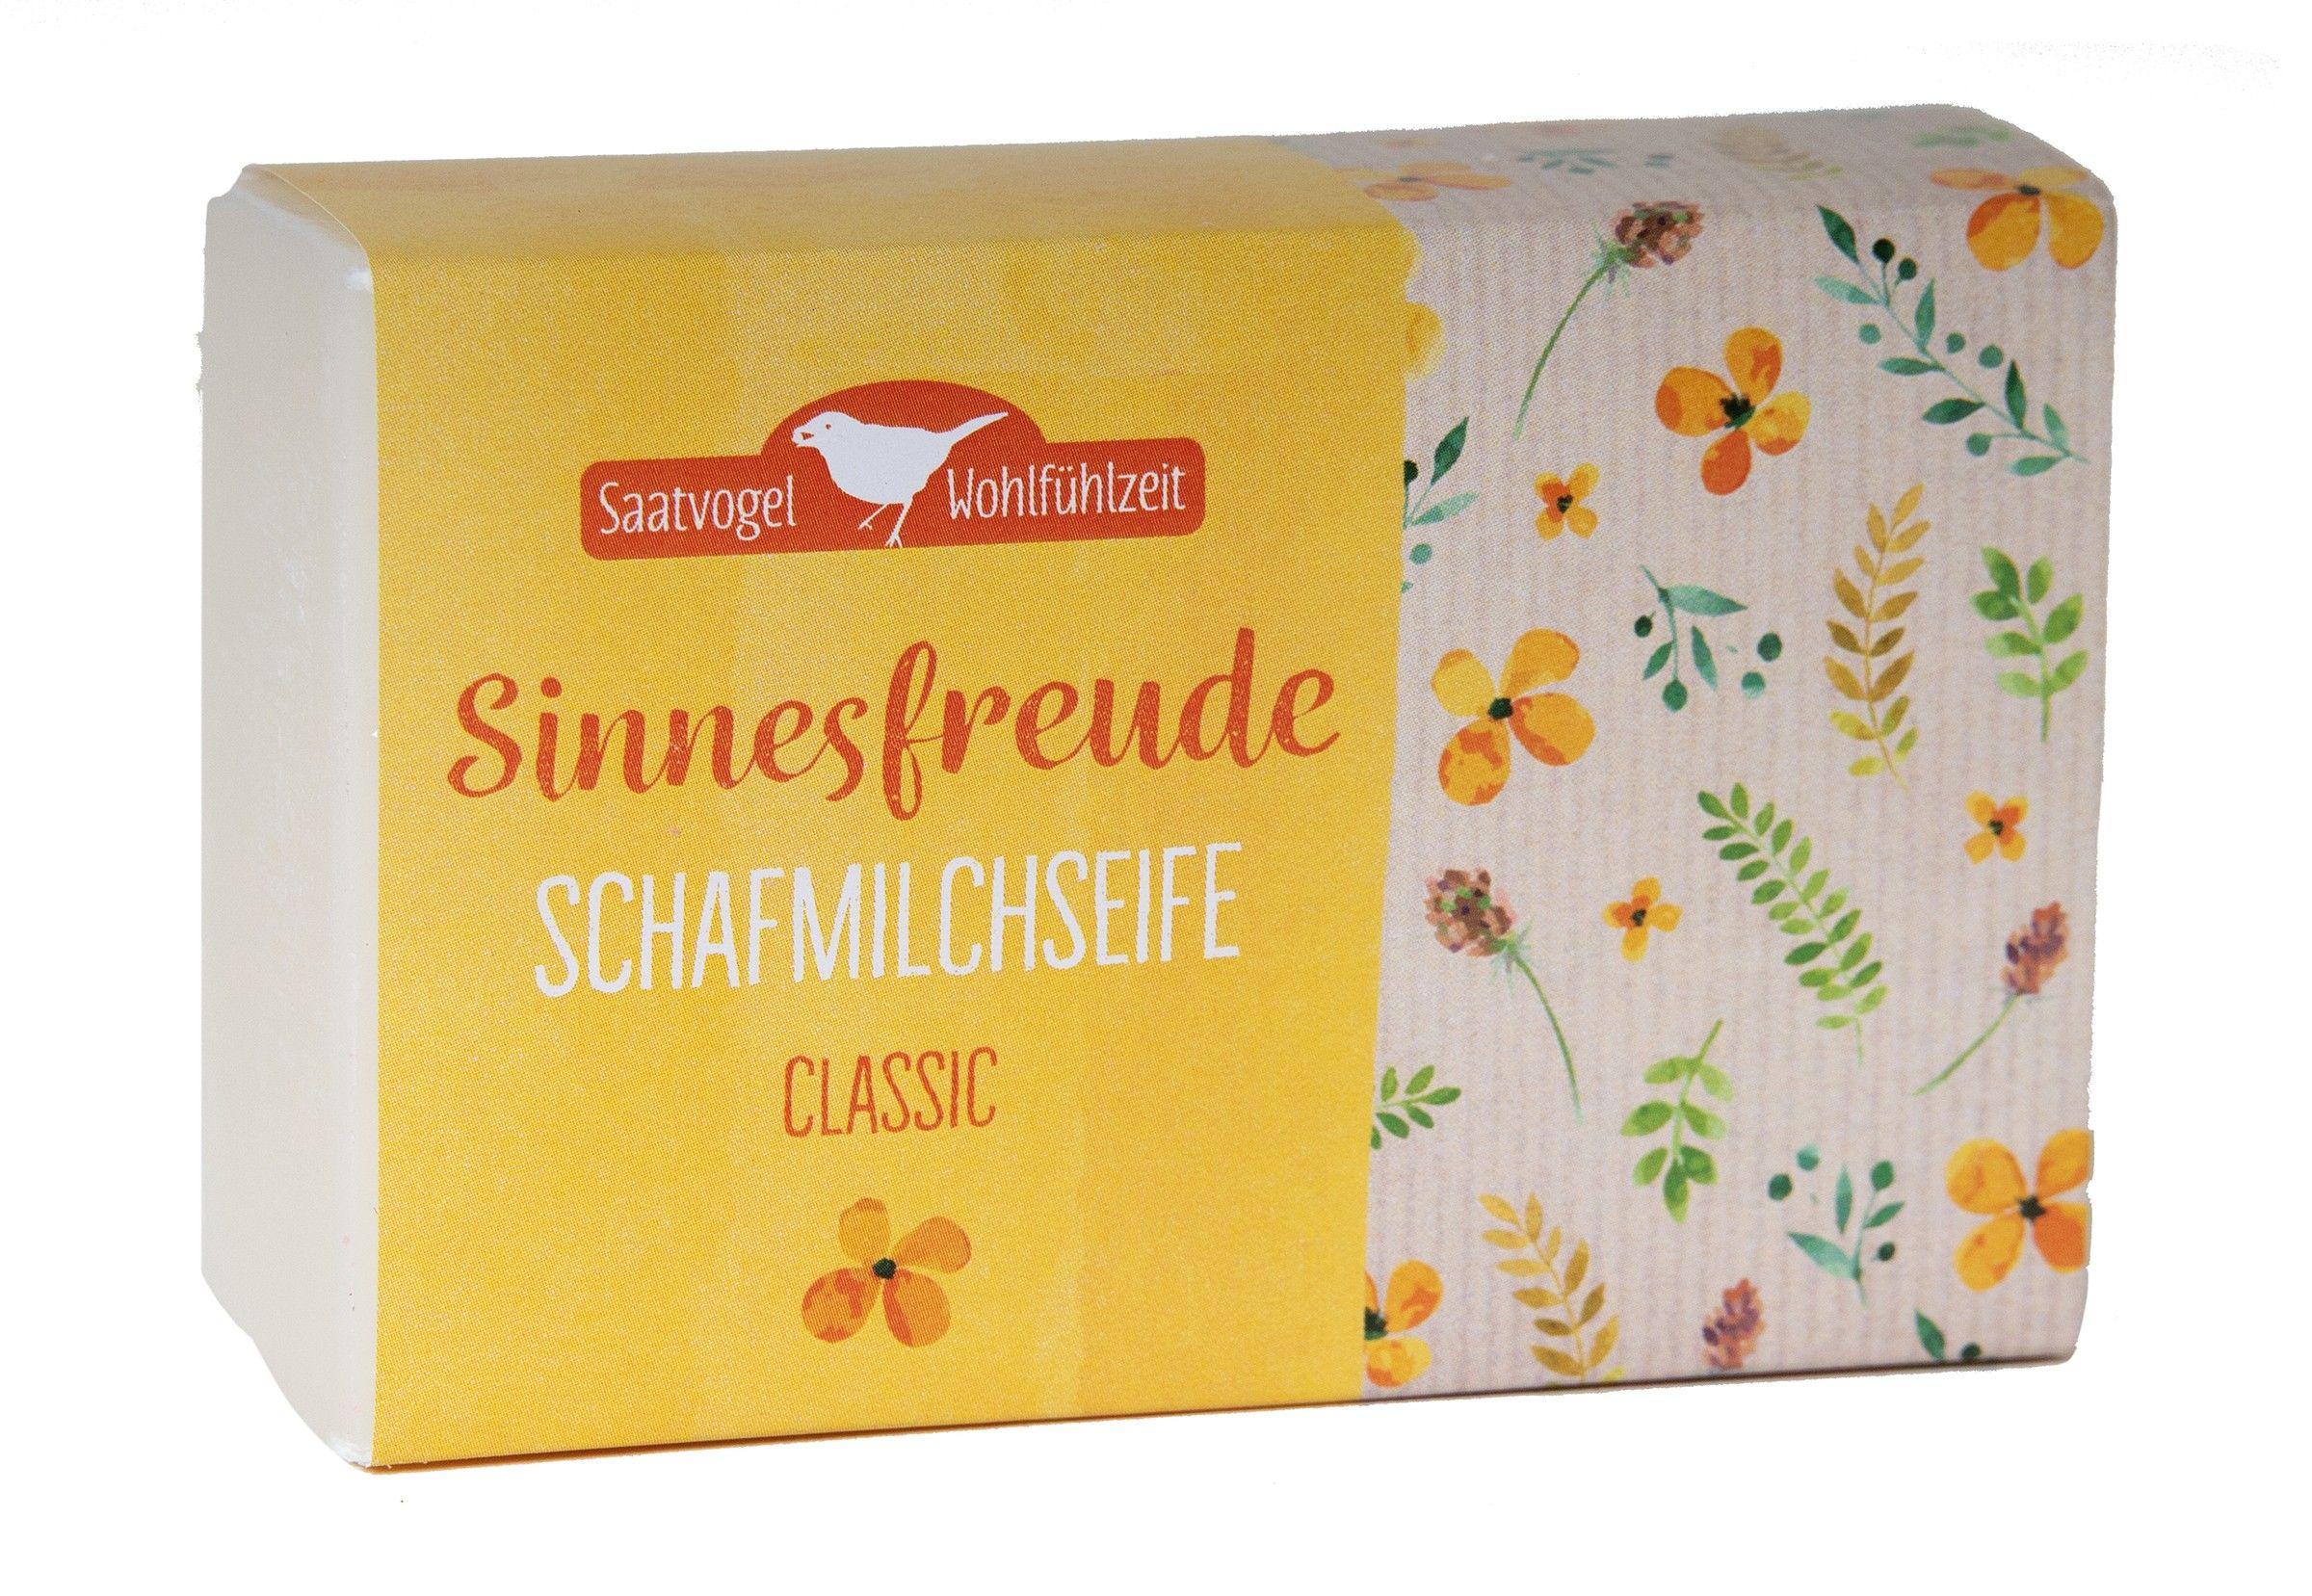 Schafmilchseife Sinnesfreude - Classic